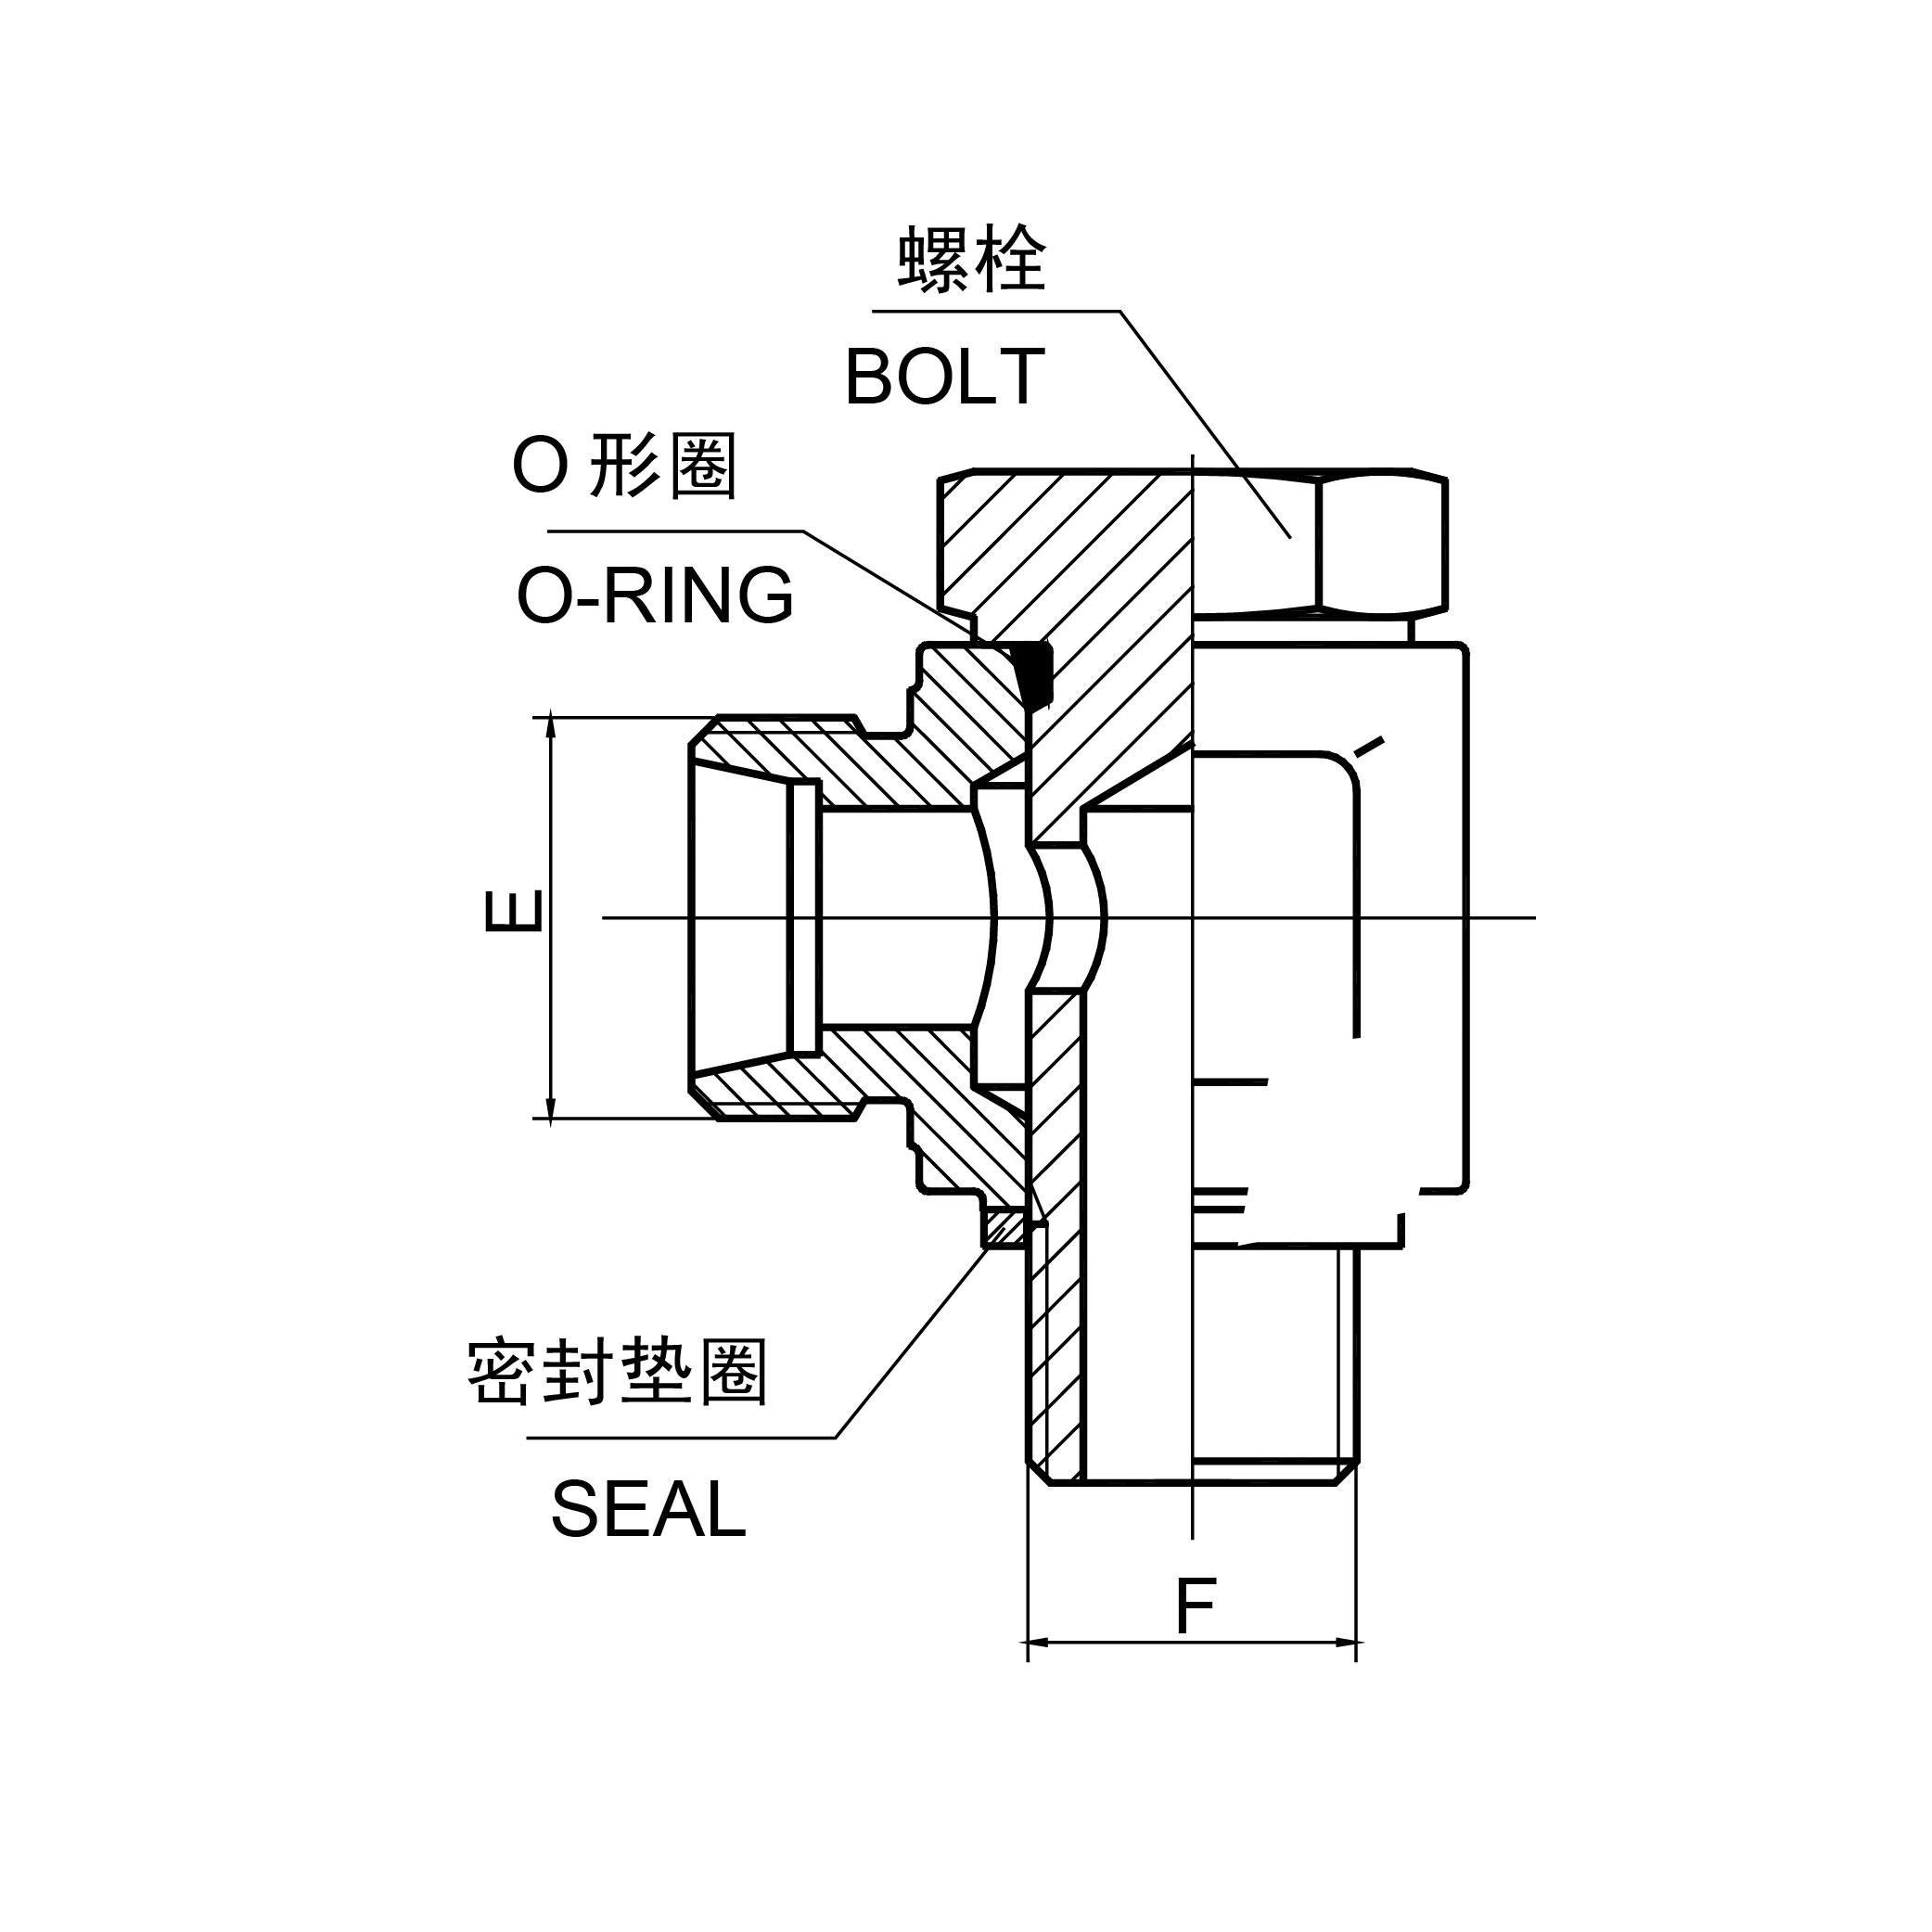 公制螺纹铰接接头 1CI/1DI